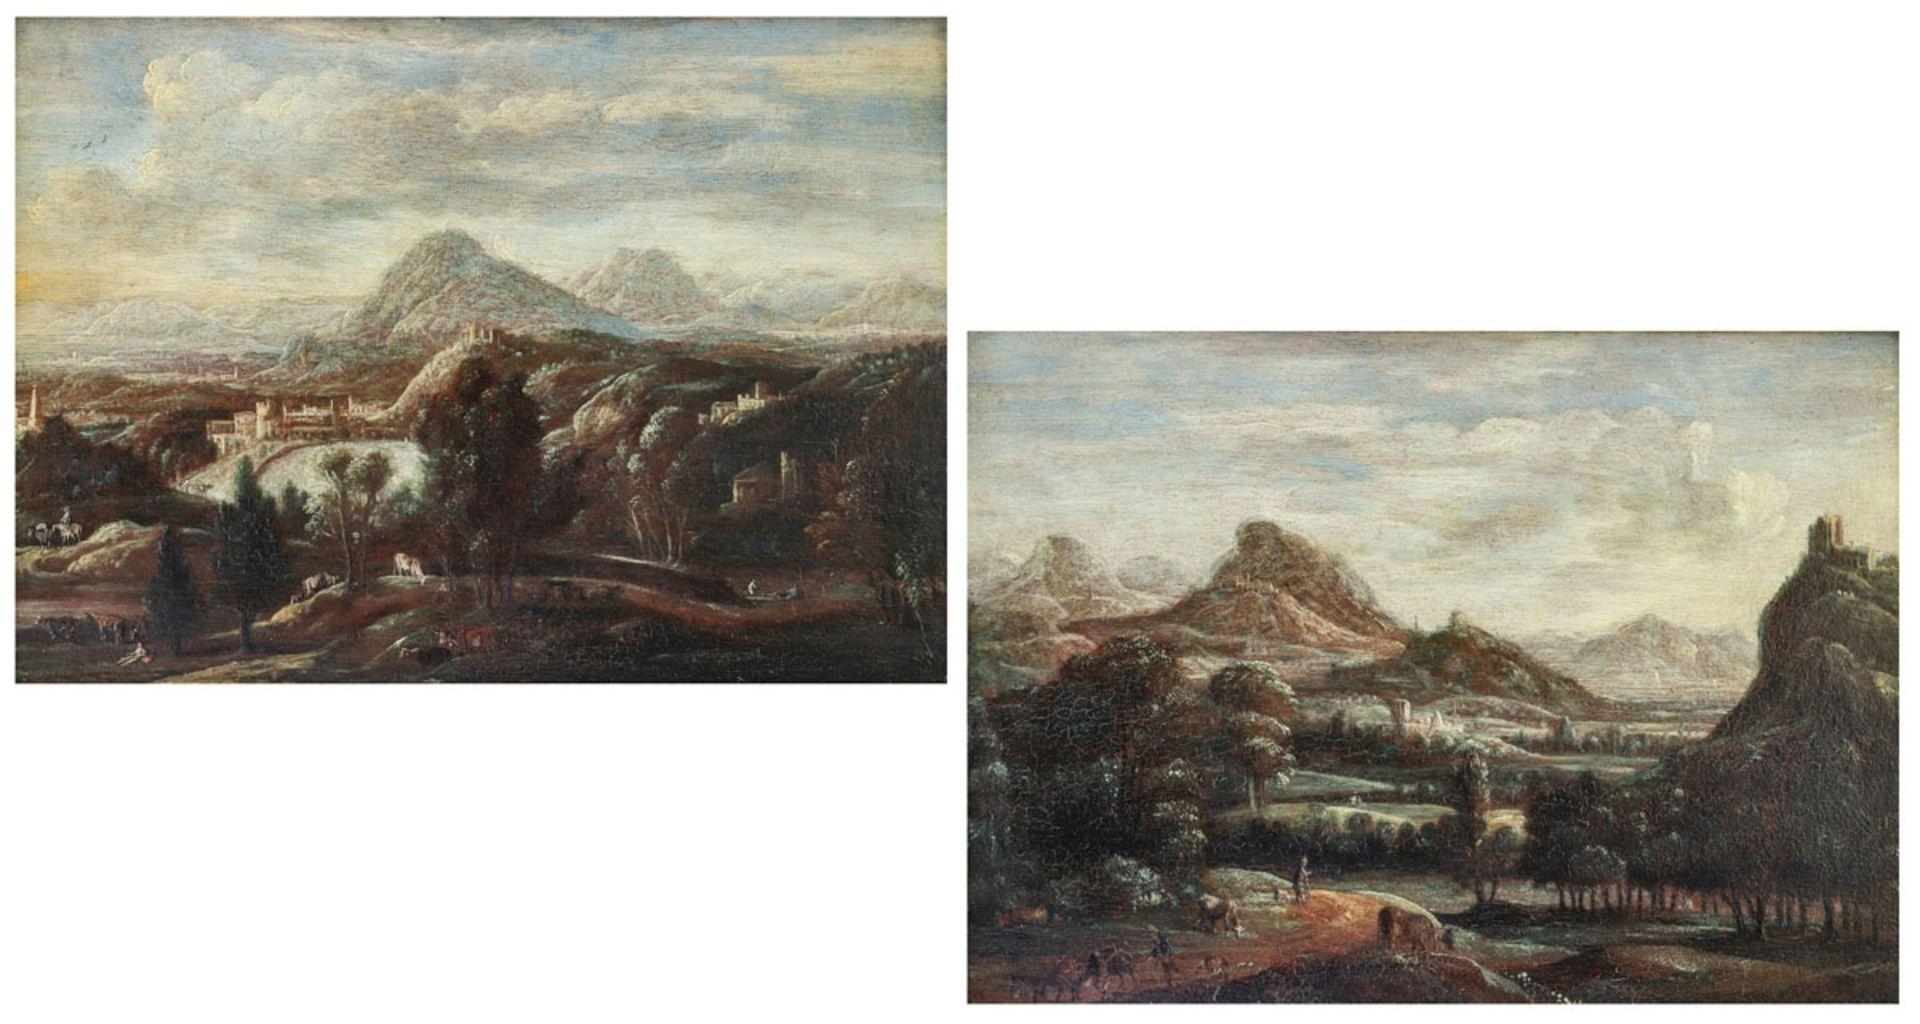 Flämischer Künstler des 18. Jahrhunderts